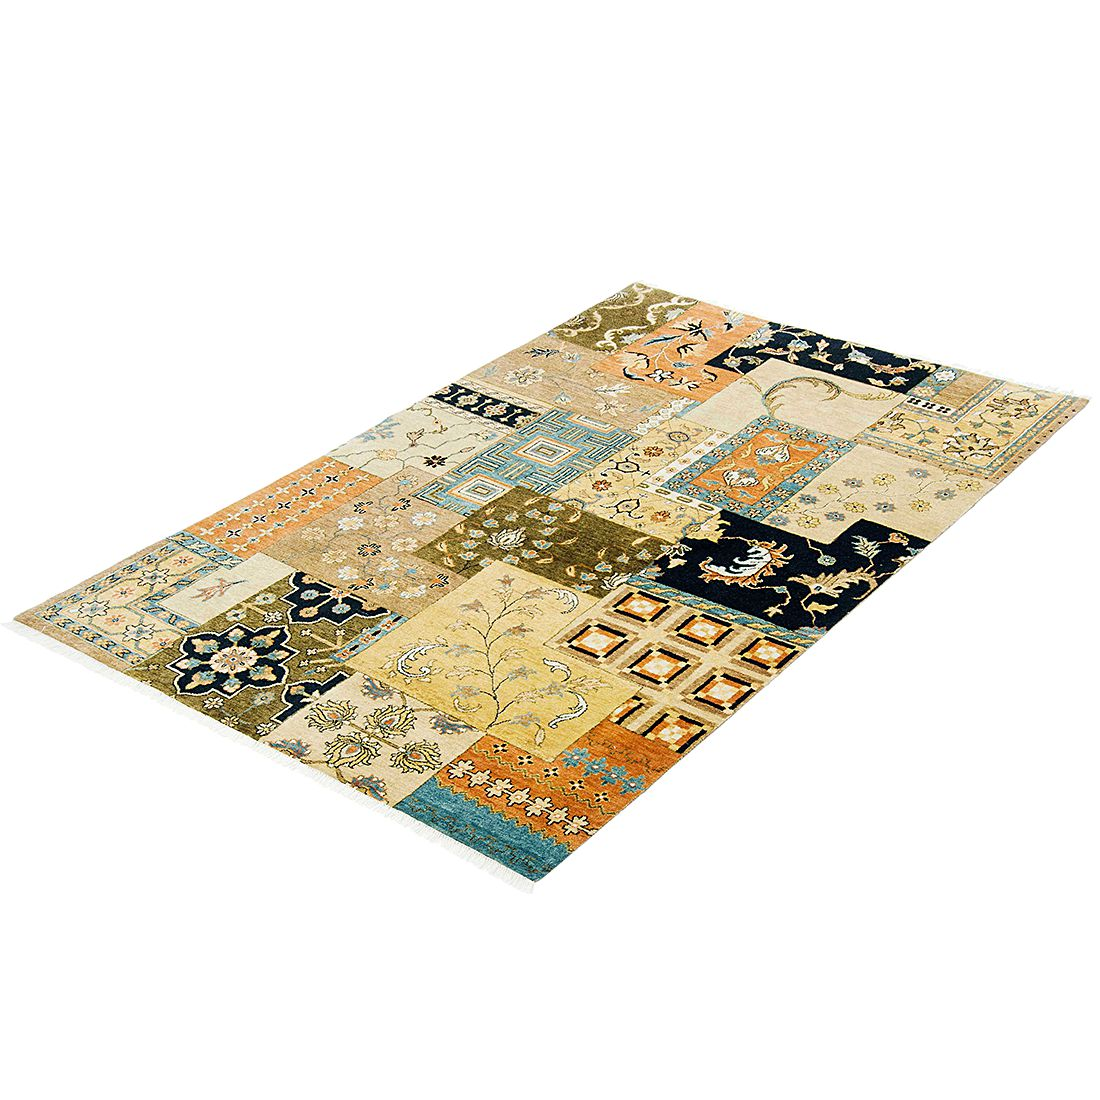 Teppich Motril Patch – Beige – Maße: 200 x 140 cm, Parwis günstig online kaufen